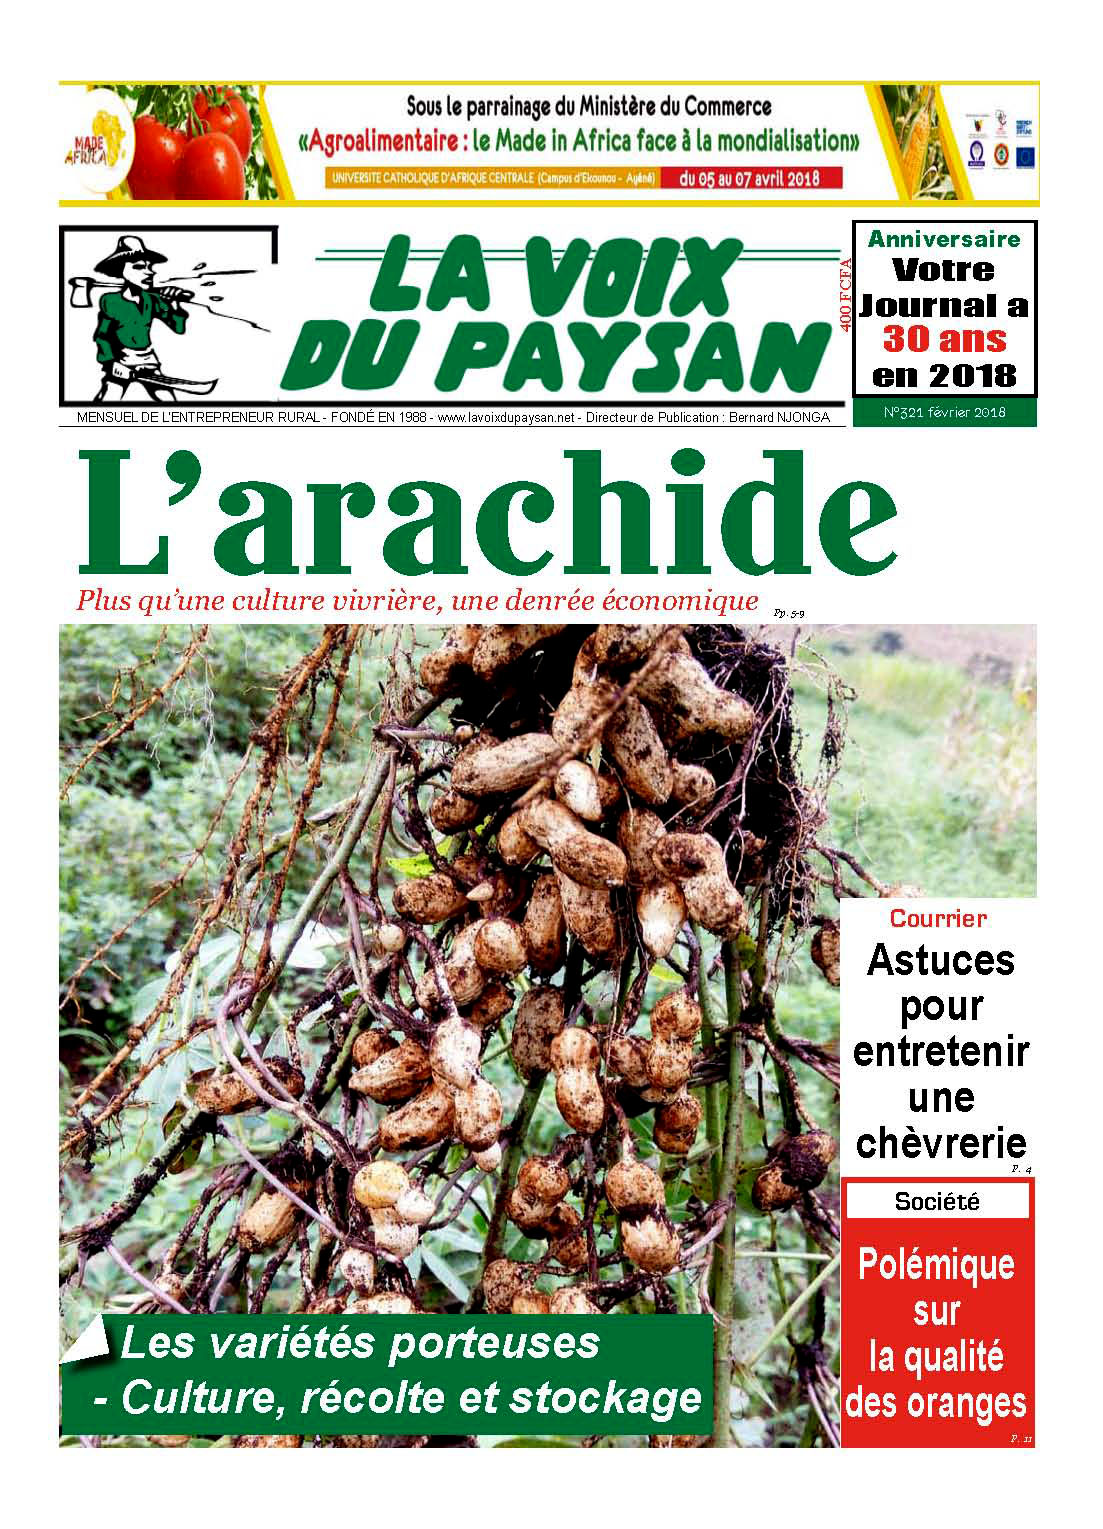 lvdp n°321 février 2018 : l'arachide - la voix du paysan